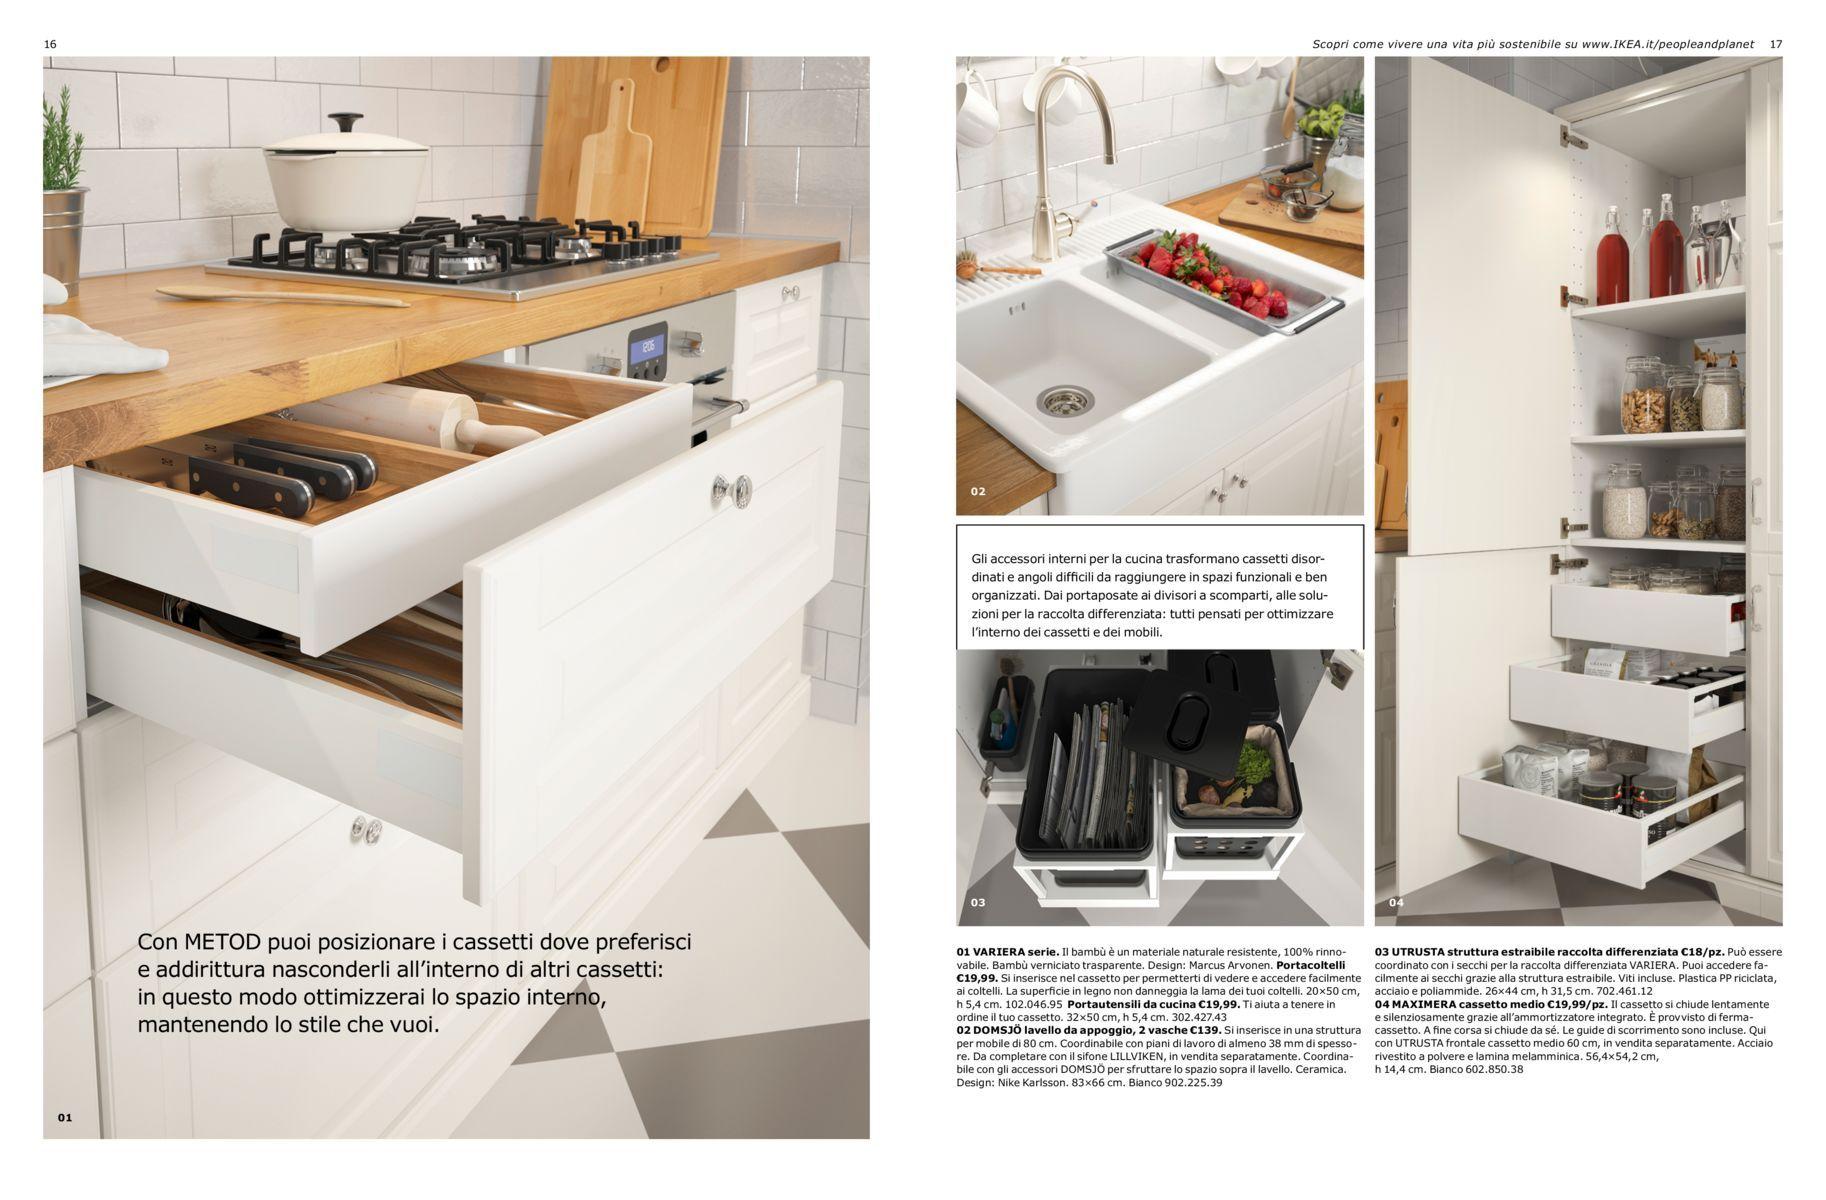 Brochure Cucine 2017 Cucina Cucine Brochure E Spazio